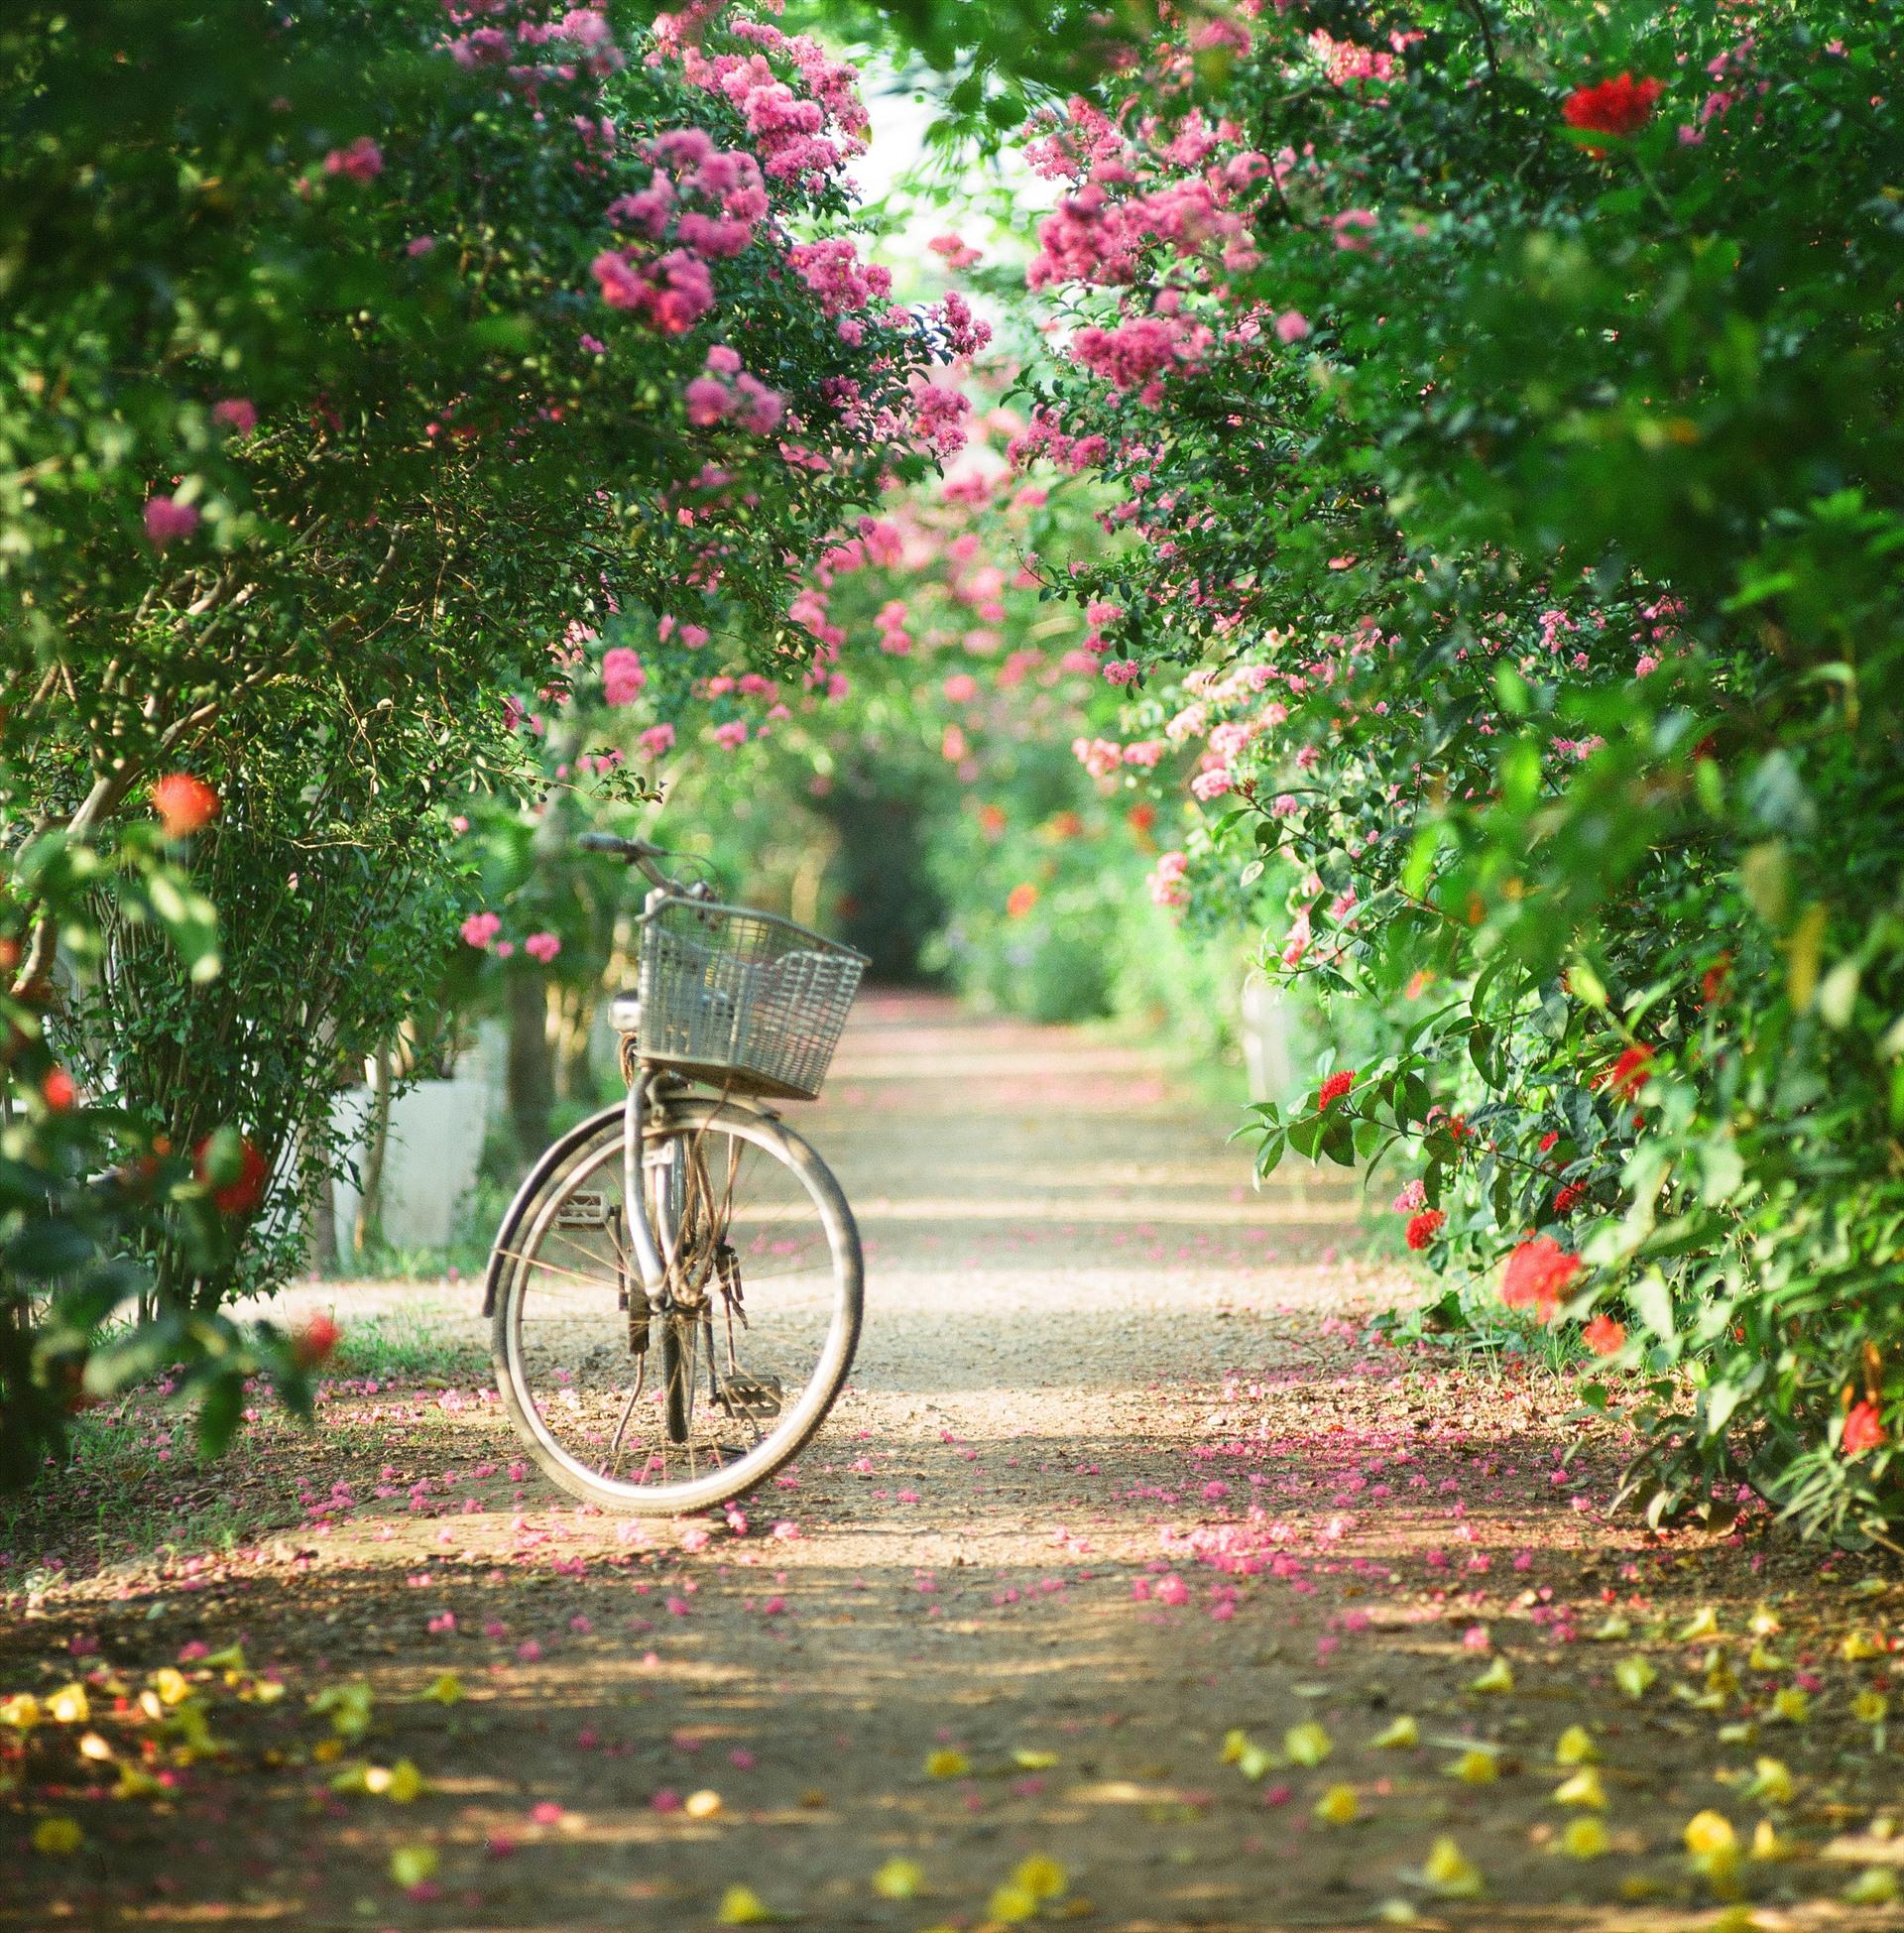 Cách trung tâm Hà Nội khoảng 10km, con đường hoa tường vi ở xã Tam Hiệp (Thanh Trì – Hà Nội) là một trong những điểm đến thu hút nhiều du khách. Ảnh: Võ Trọng Sơn